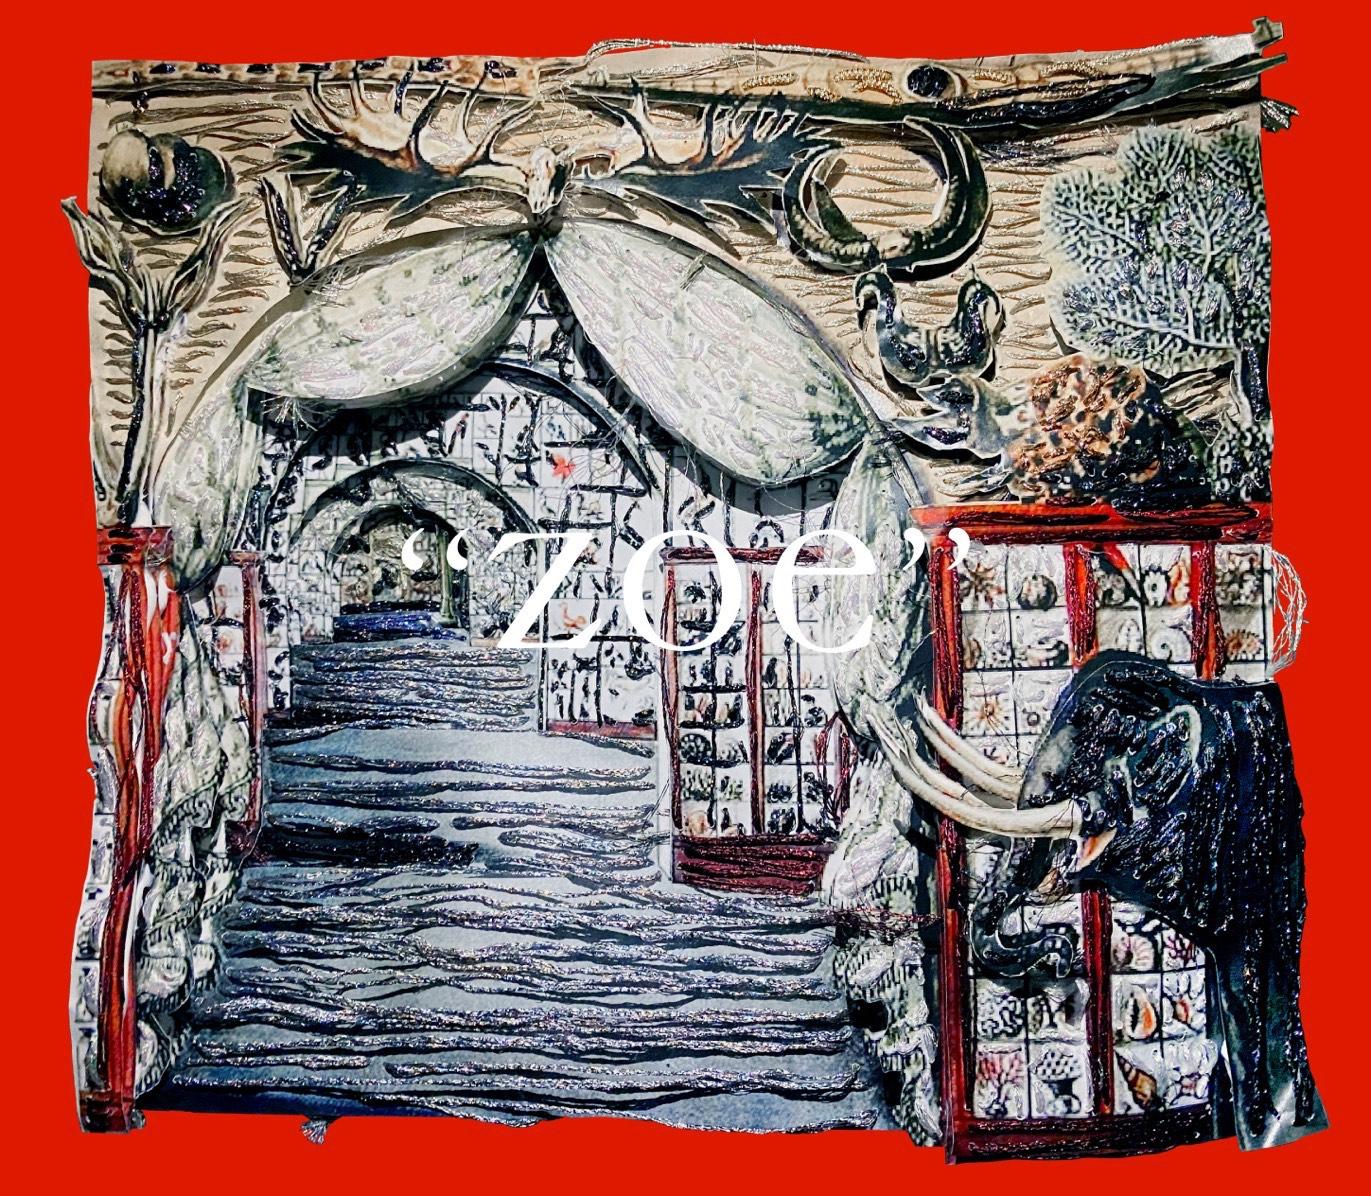 青木美紅 個展「zoe」(ゲンロン カオス*ラウンジ 新芸術校 第4期最優秀者デビュー展示)